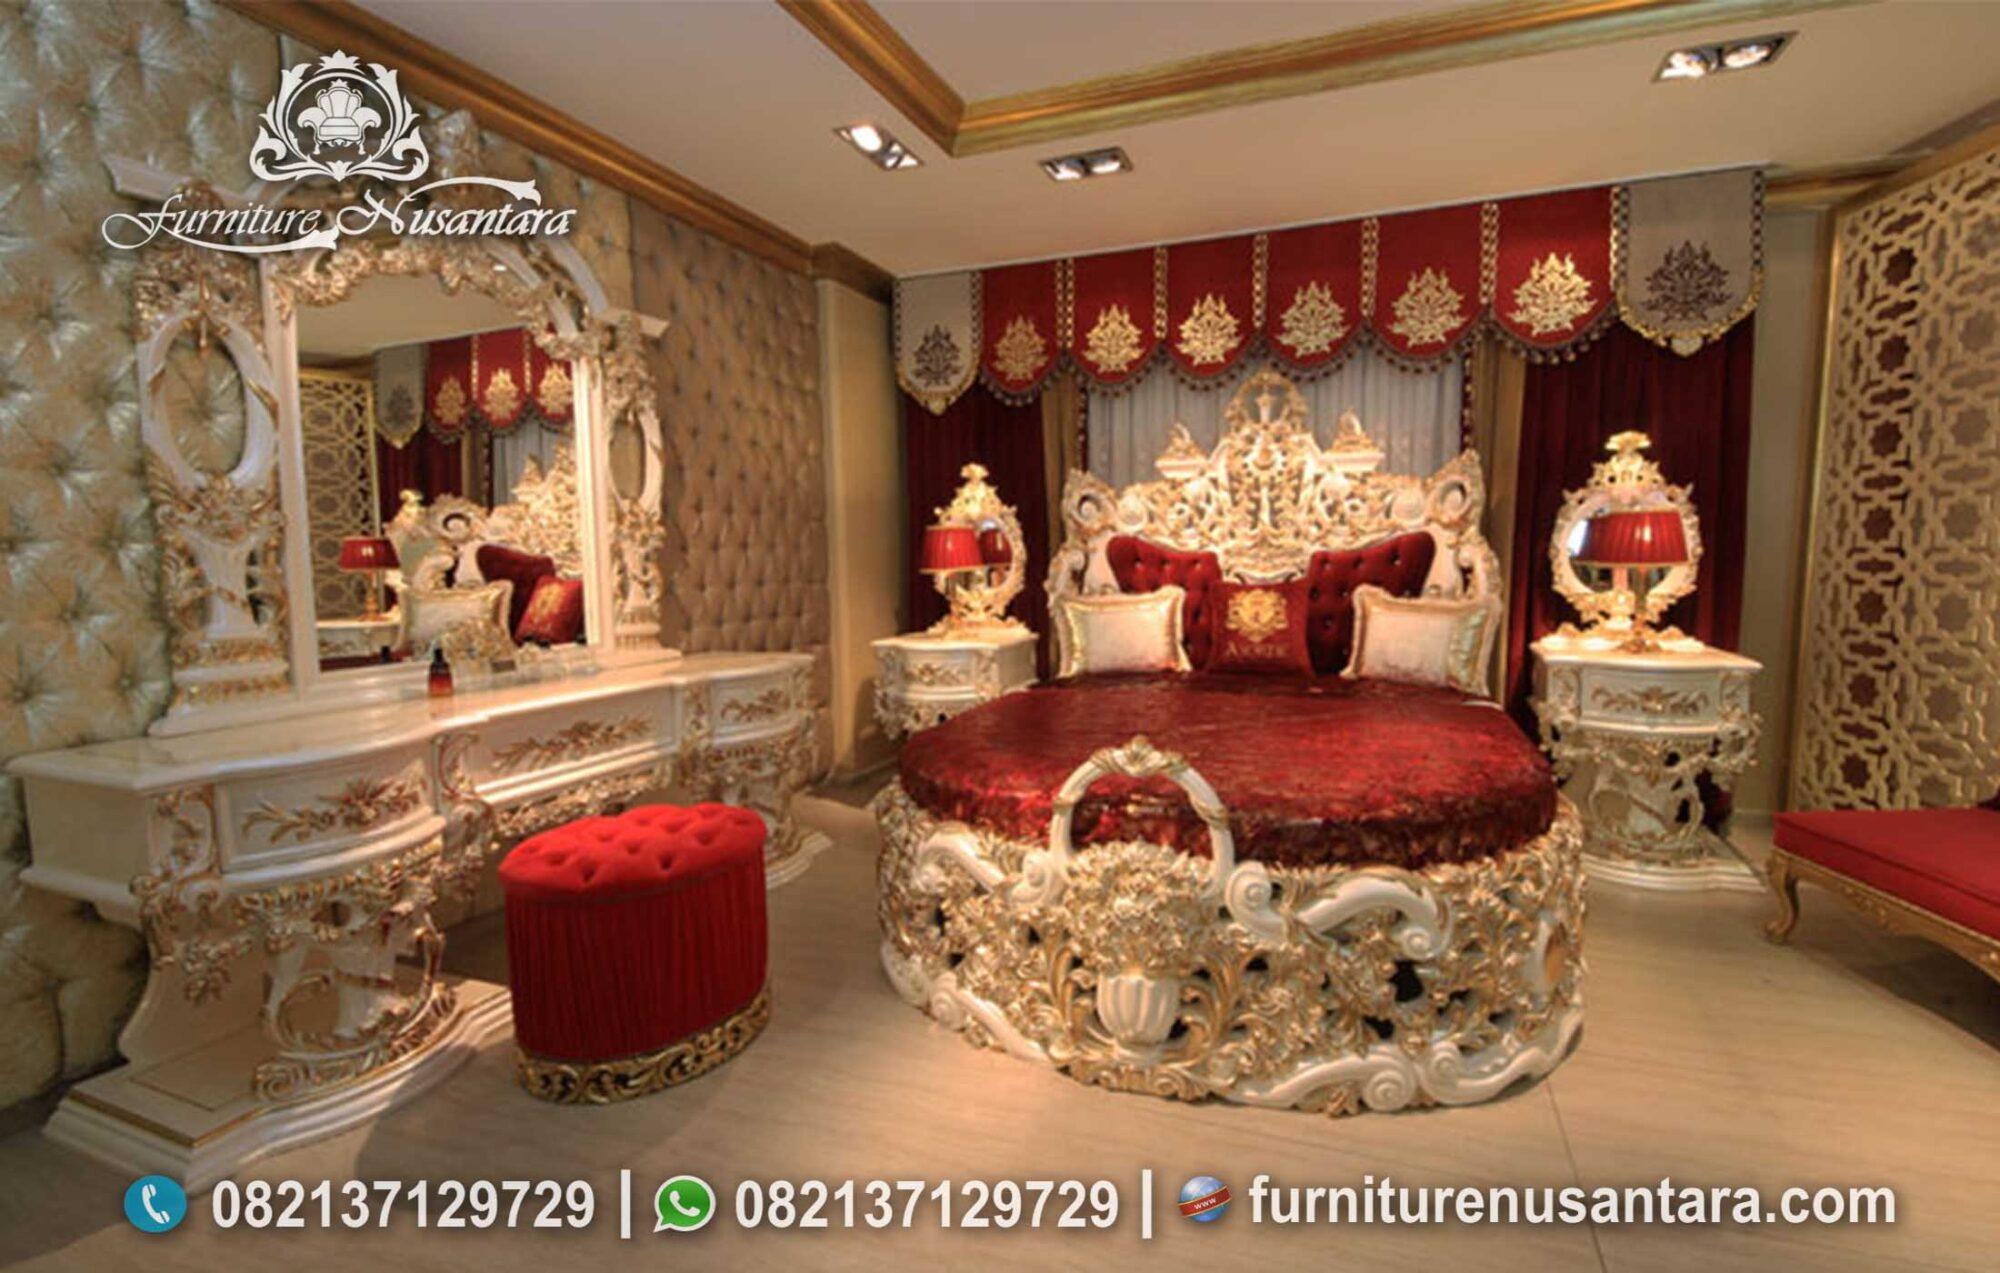 Jual Kamar Set Terbaru KS-55, Furniture Nusantara